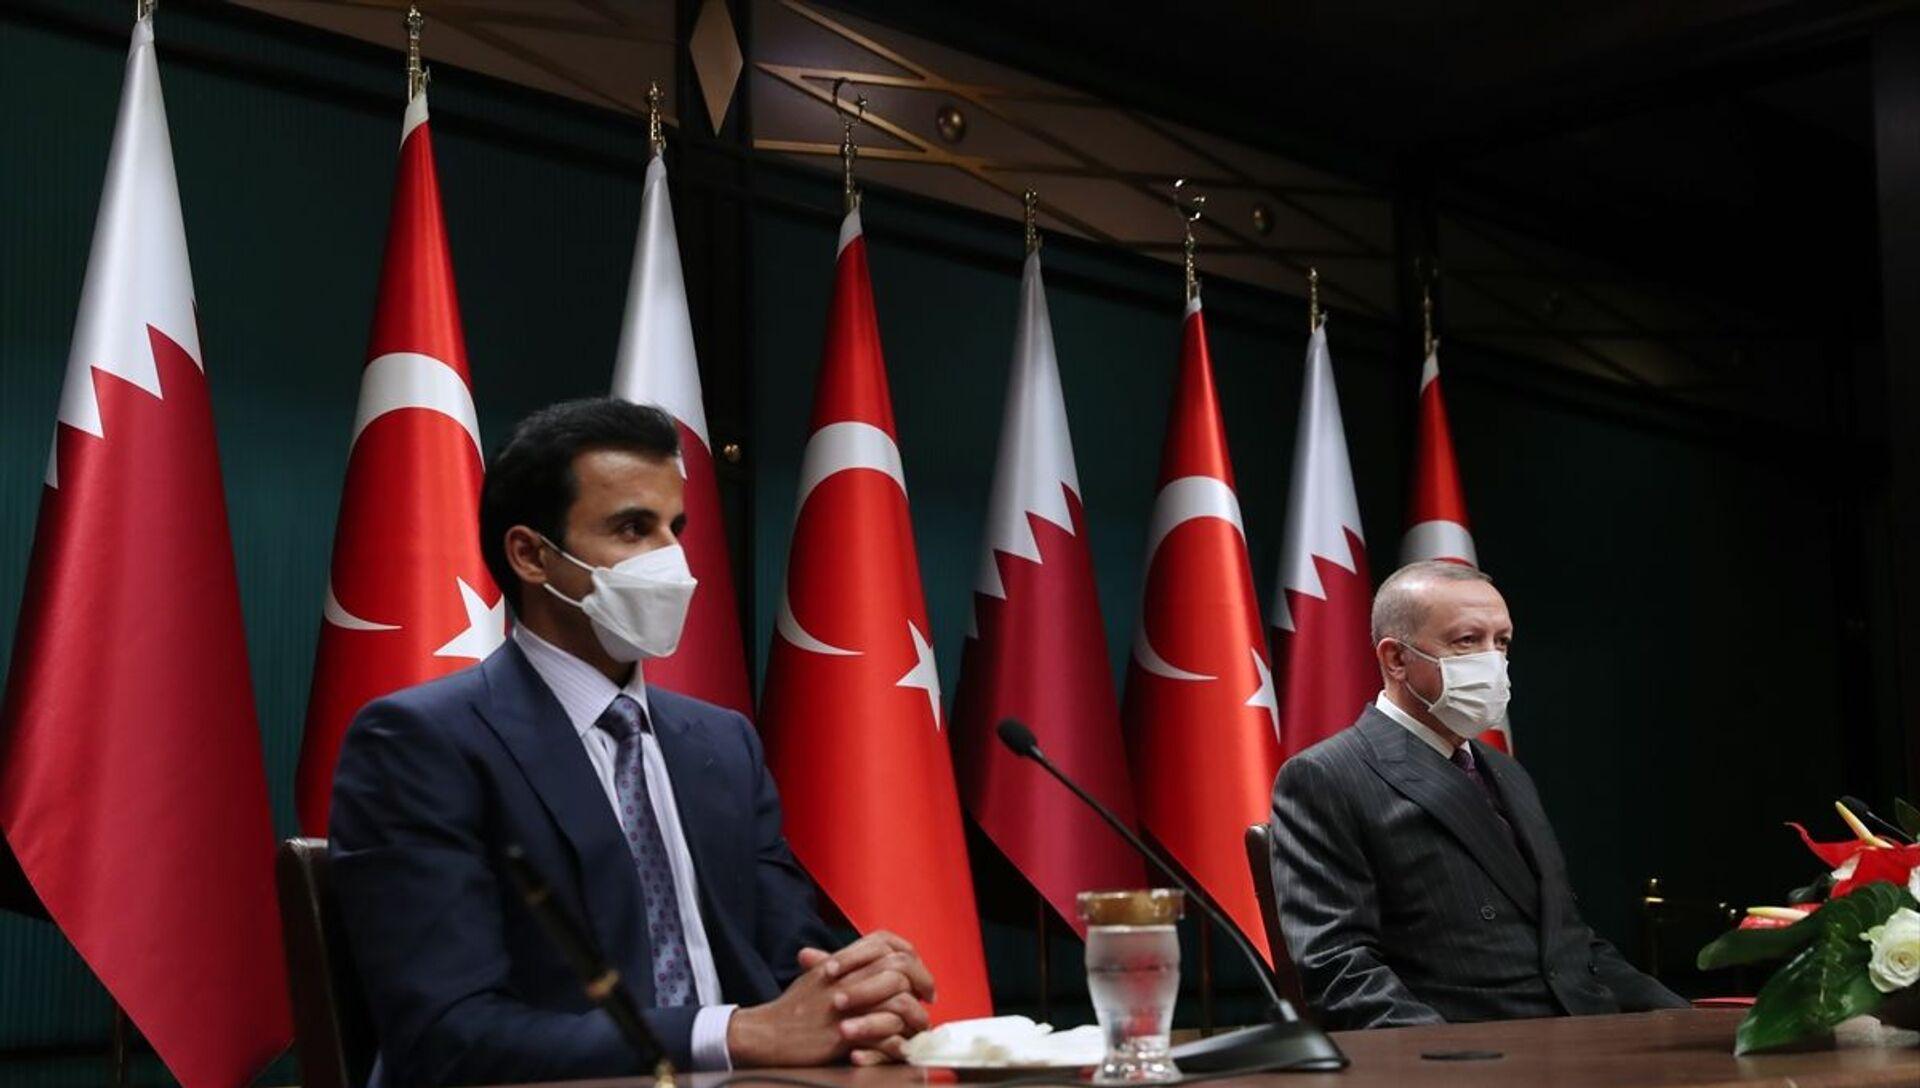 Türkiye Cumhurbaşkanı Recep Tayyip Erdoğan, Katar Emiri Şeyh Temim bin Hamed Al Sani - Sputnik Türkiye, 1920, 25.06.2021